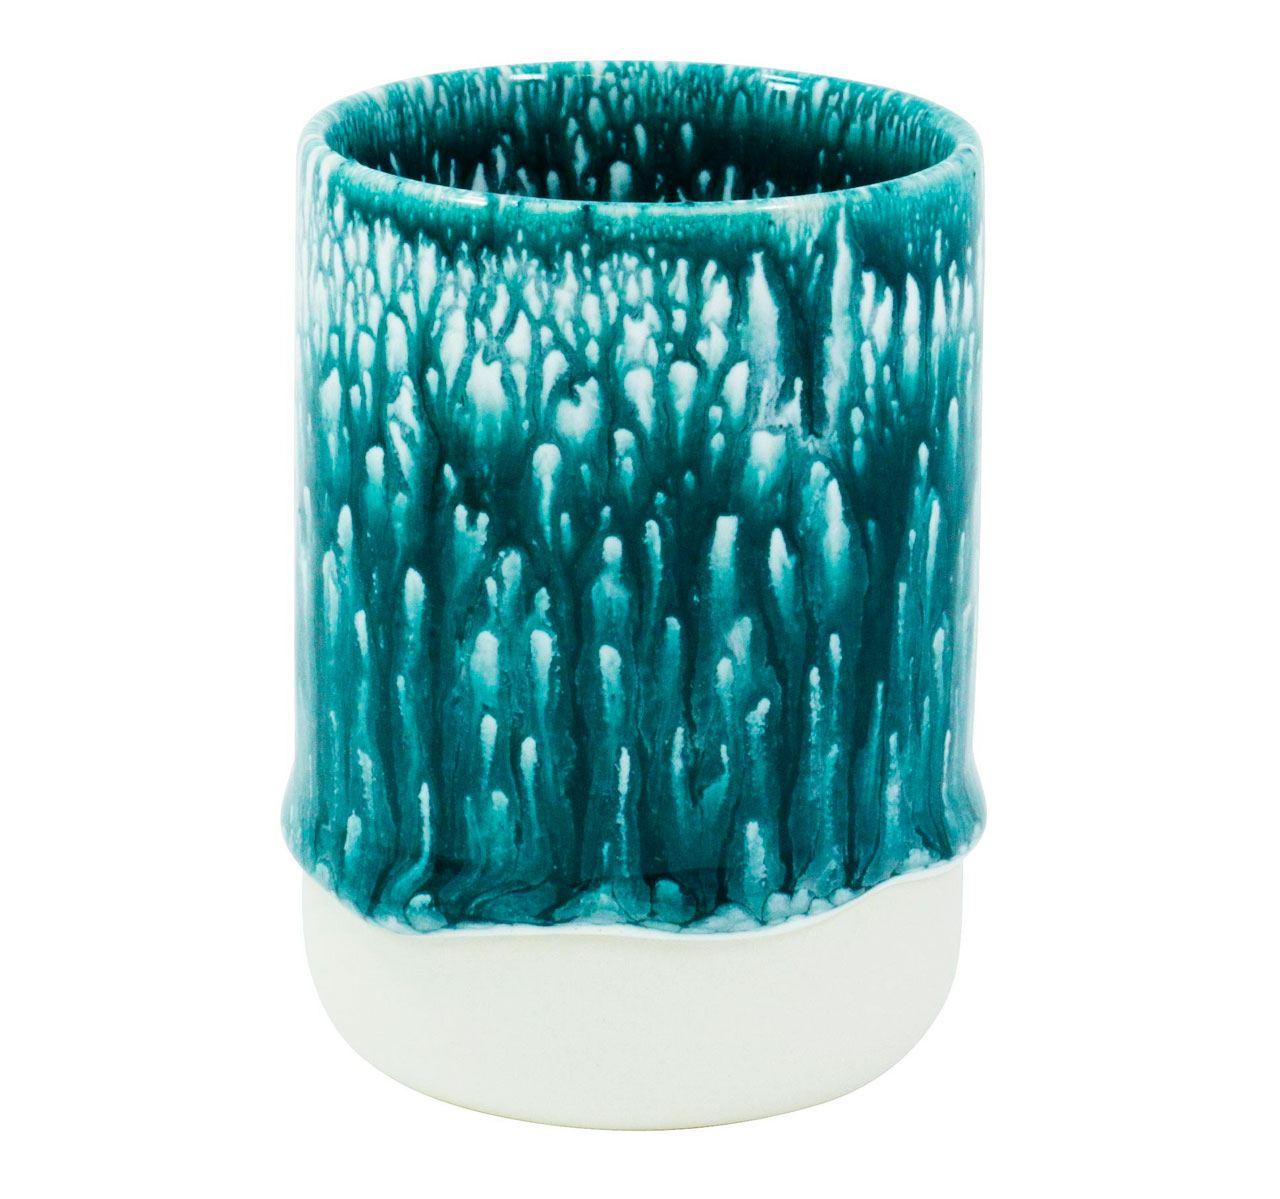 Slurp Cup Andromeda Green